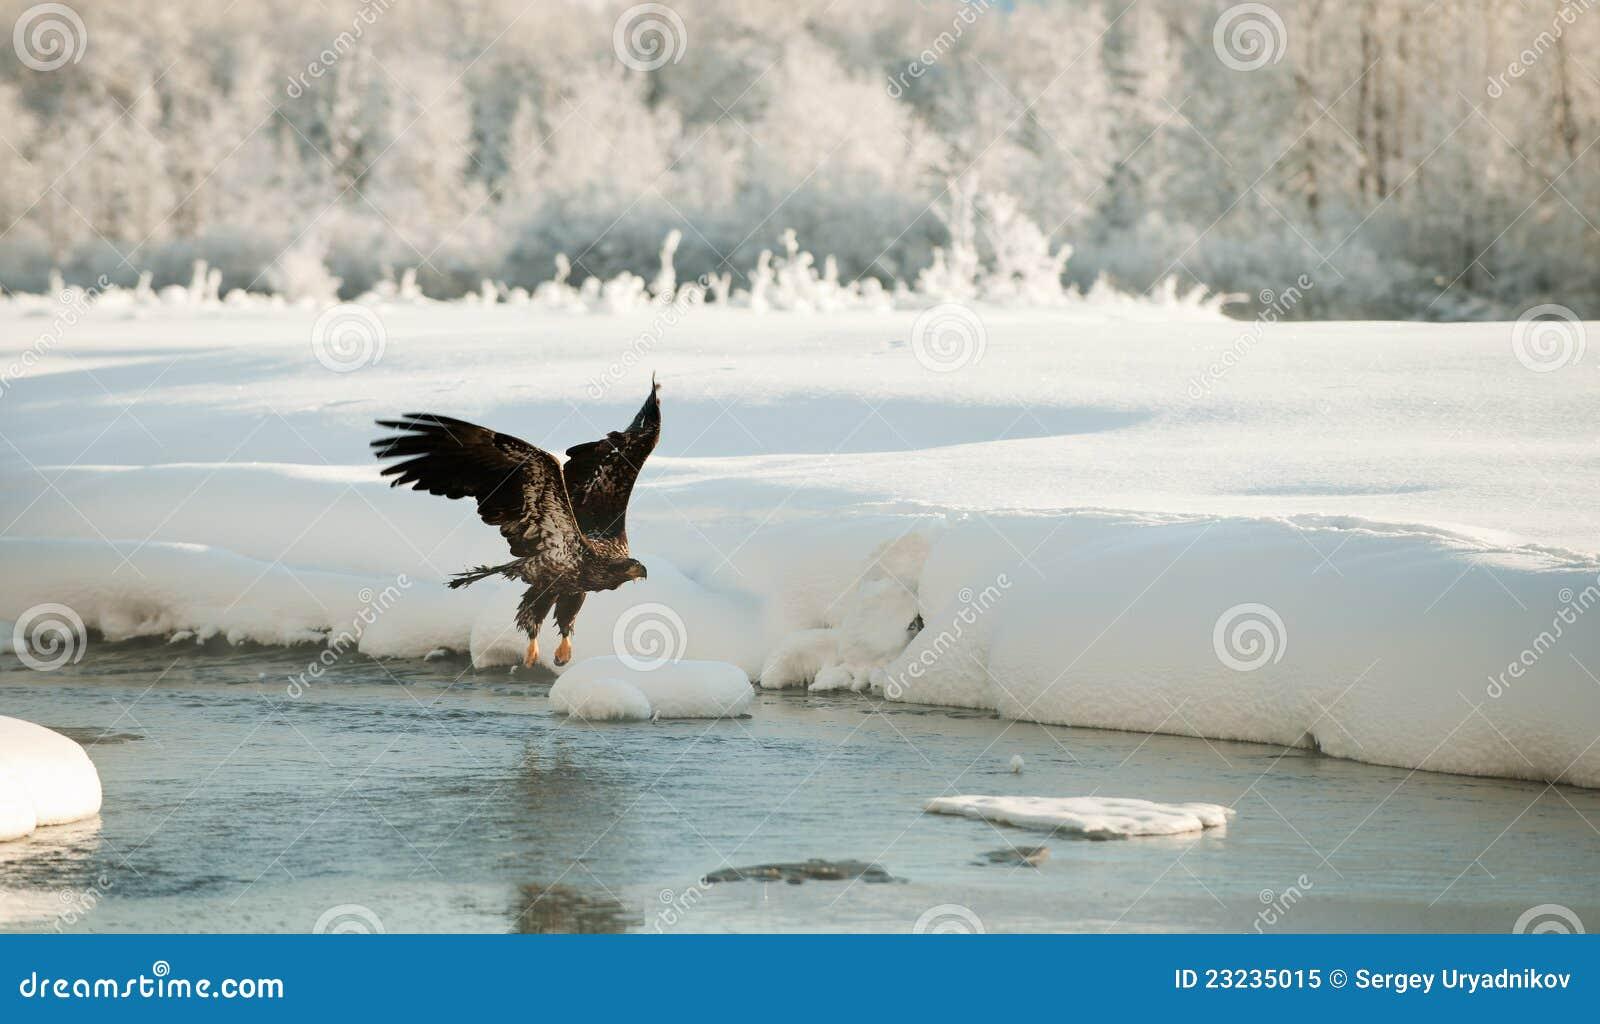 Flugwesen des kahlen Adlers